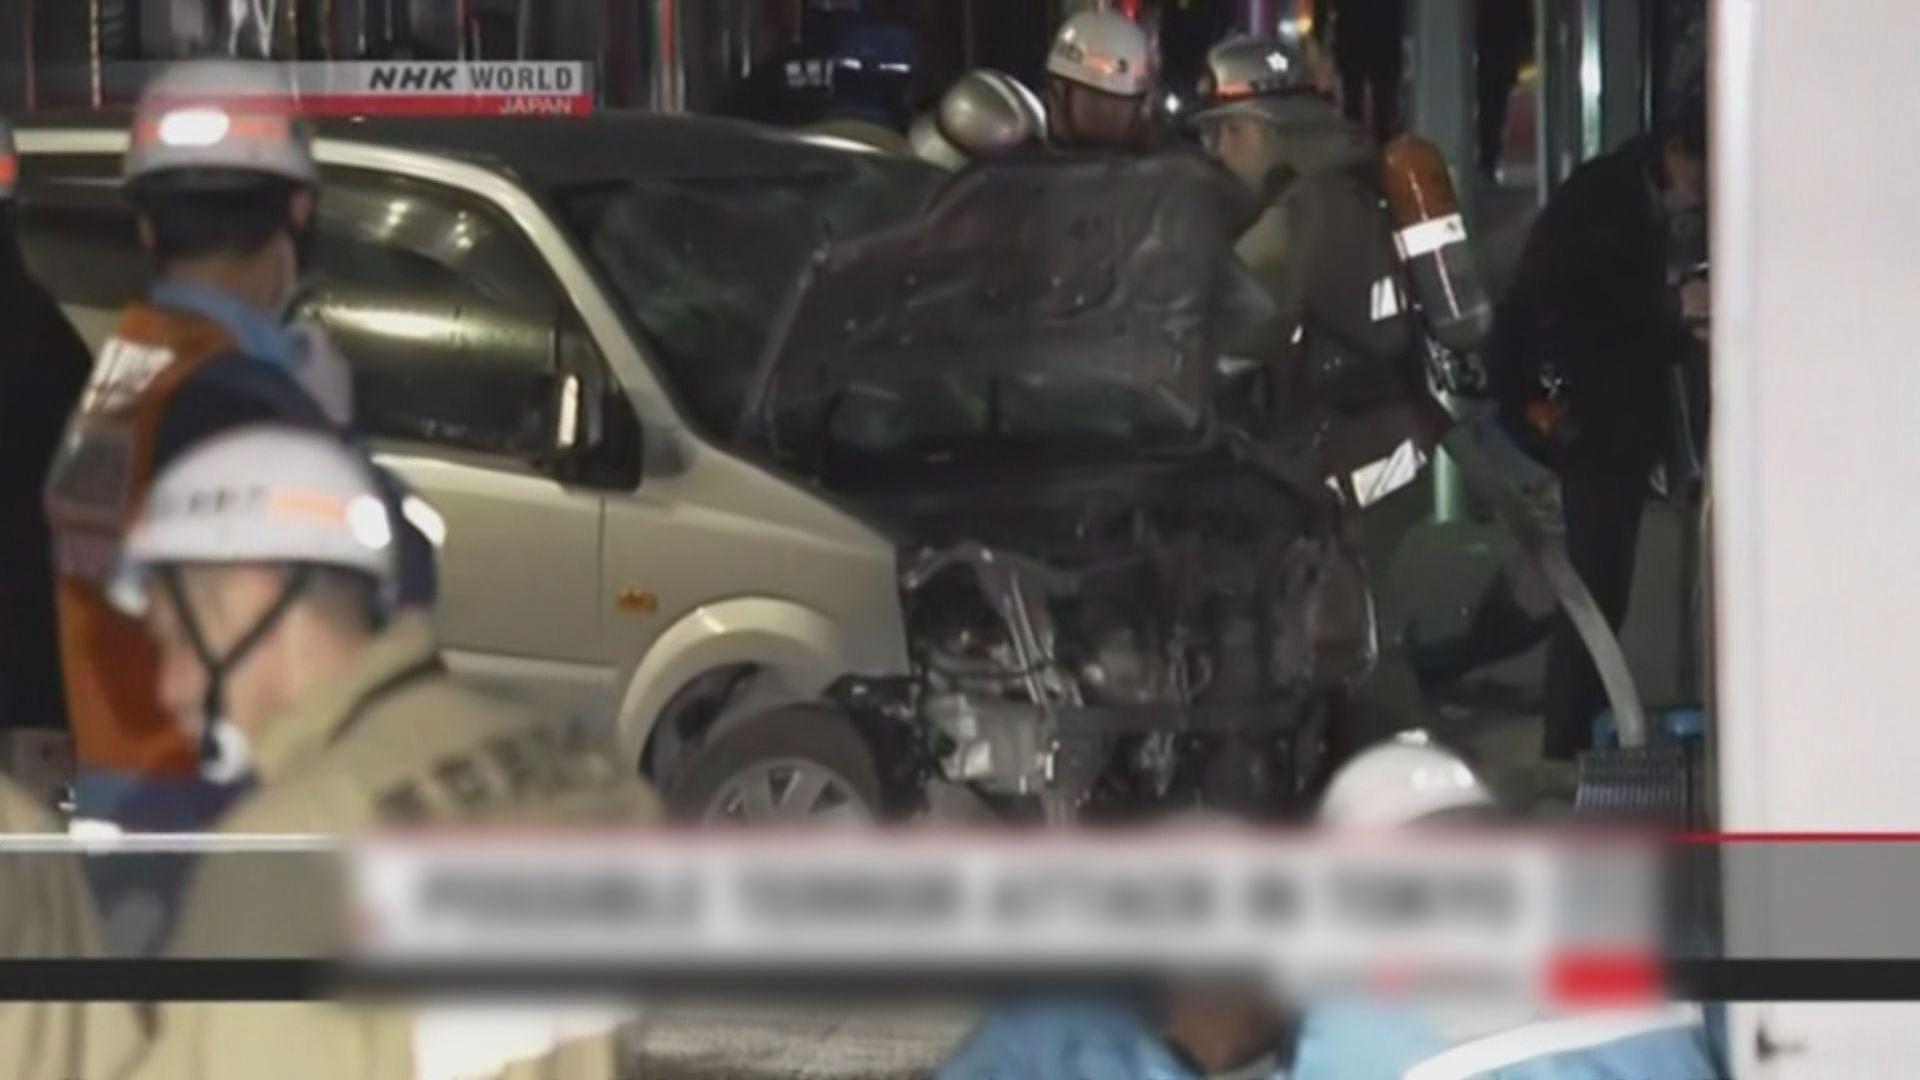 東京涉谷汽車撞向人群疑涉及恐襲